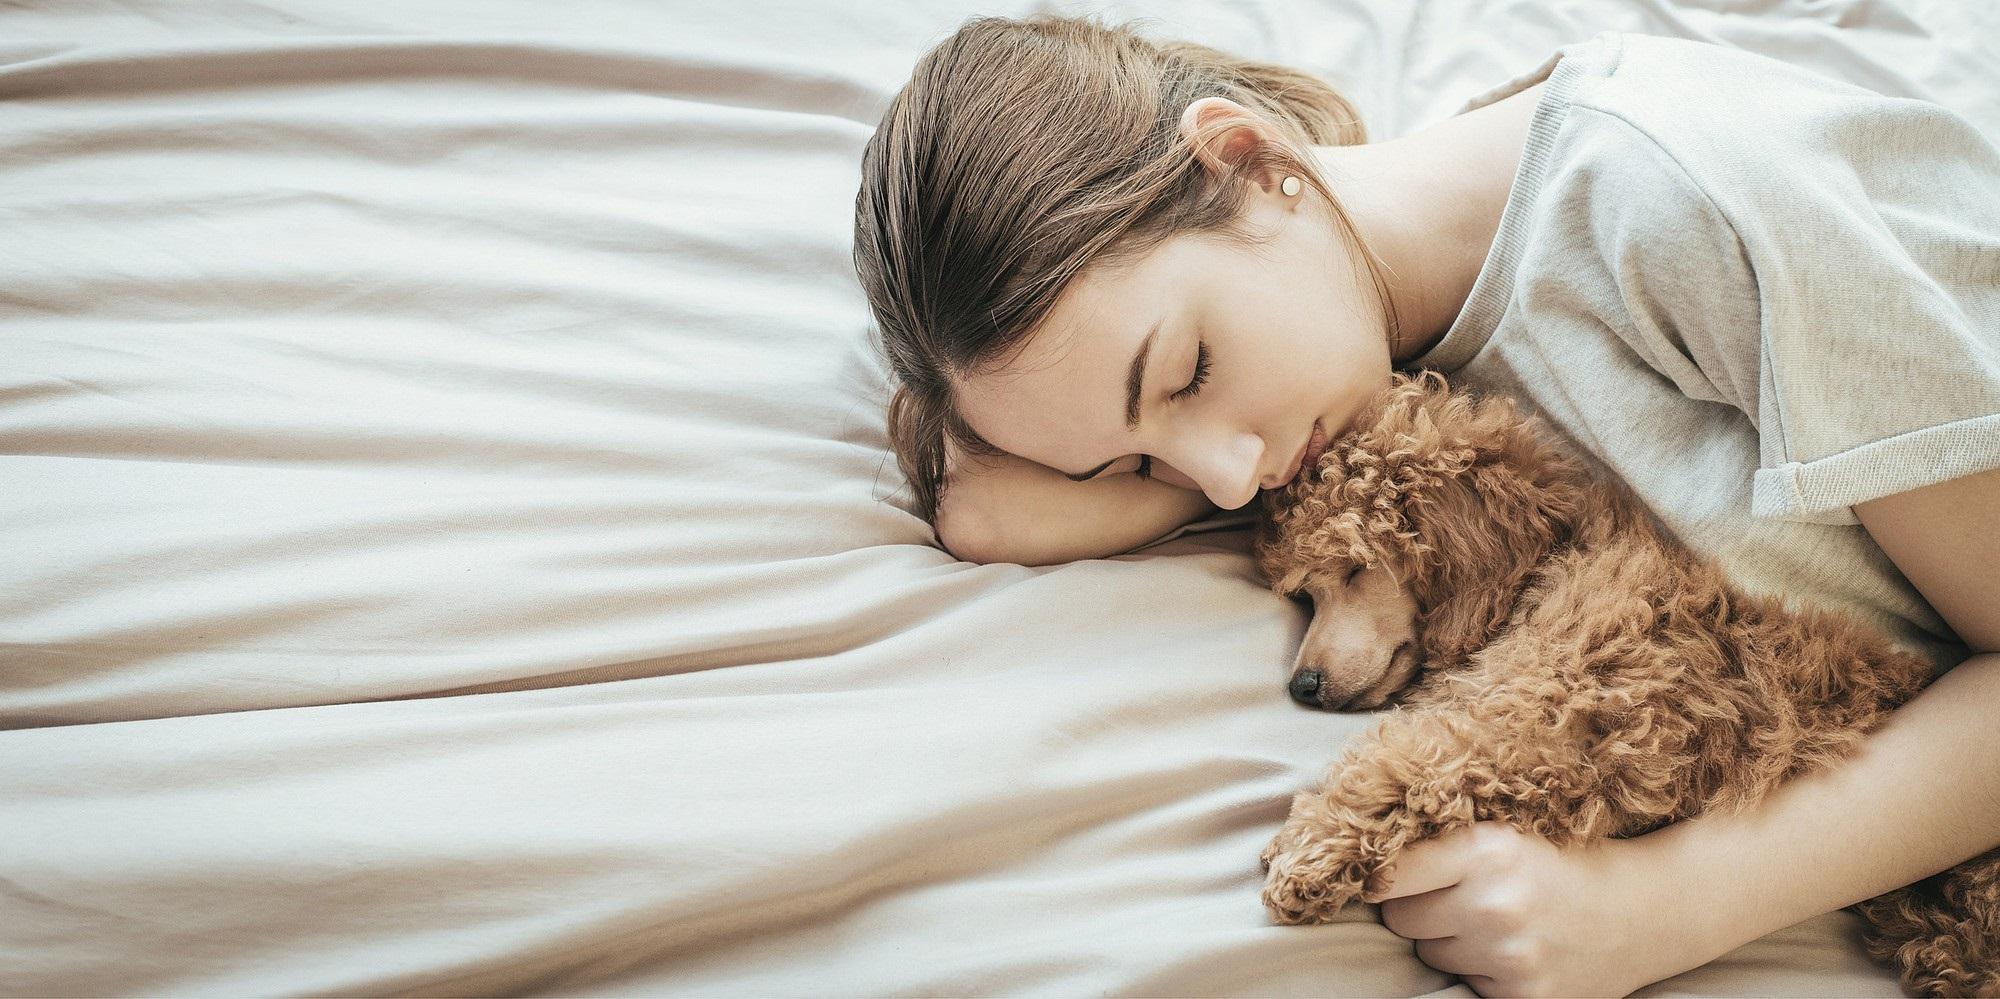 Sai lầm thường gặp khi đi ngủ trong mùa đông mà nhiều người hay mắc phải - Ảnh 2